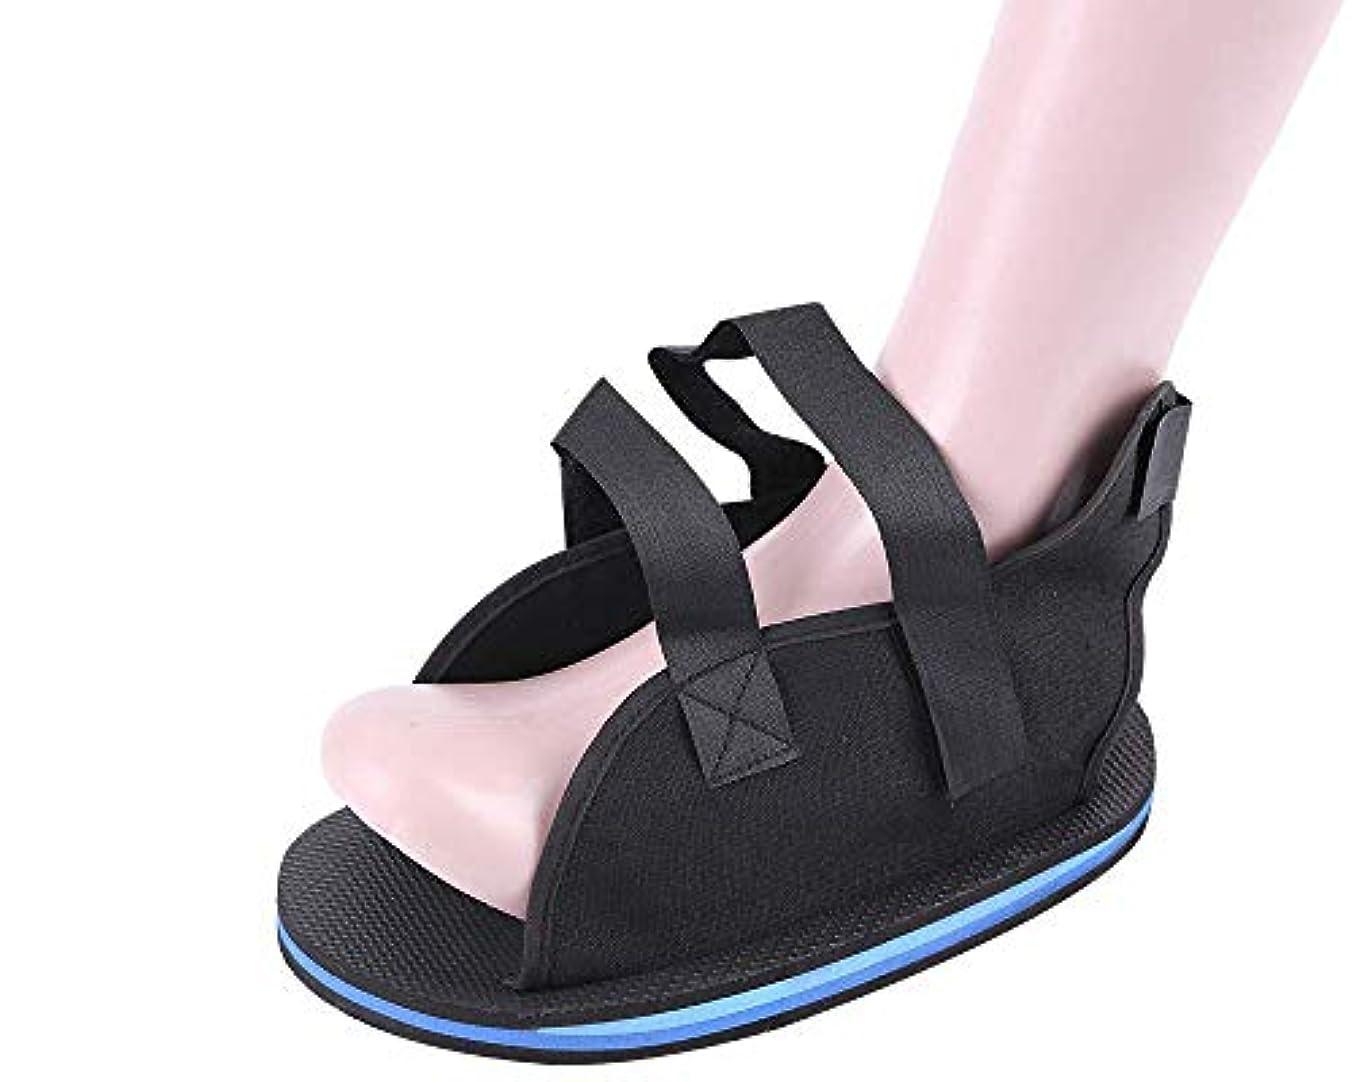 適切なシリング平等骨折したつま先/足の骨折の術後靴 - 傷害後のフットキャスト回復のための整形外科用装具と軽量の医療用ウォーキングブーツ,XS